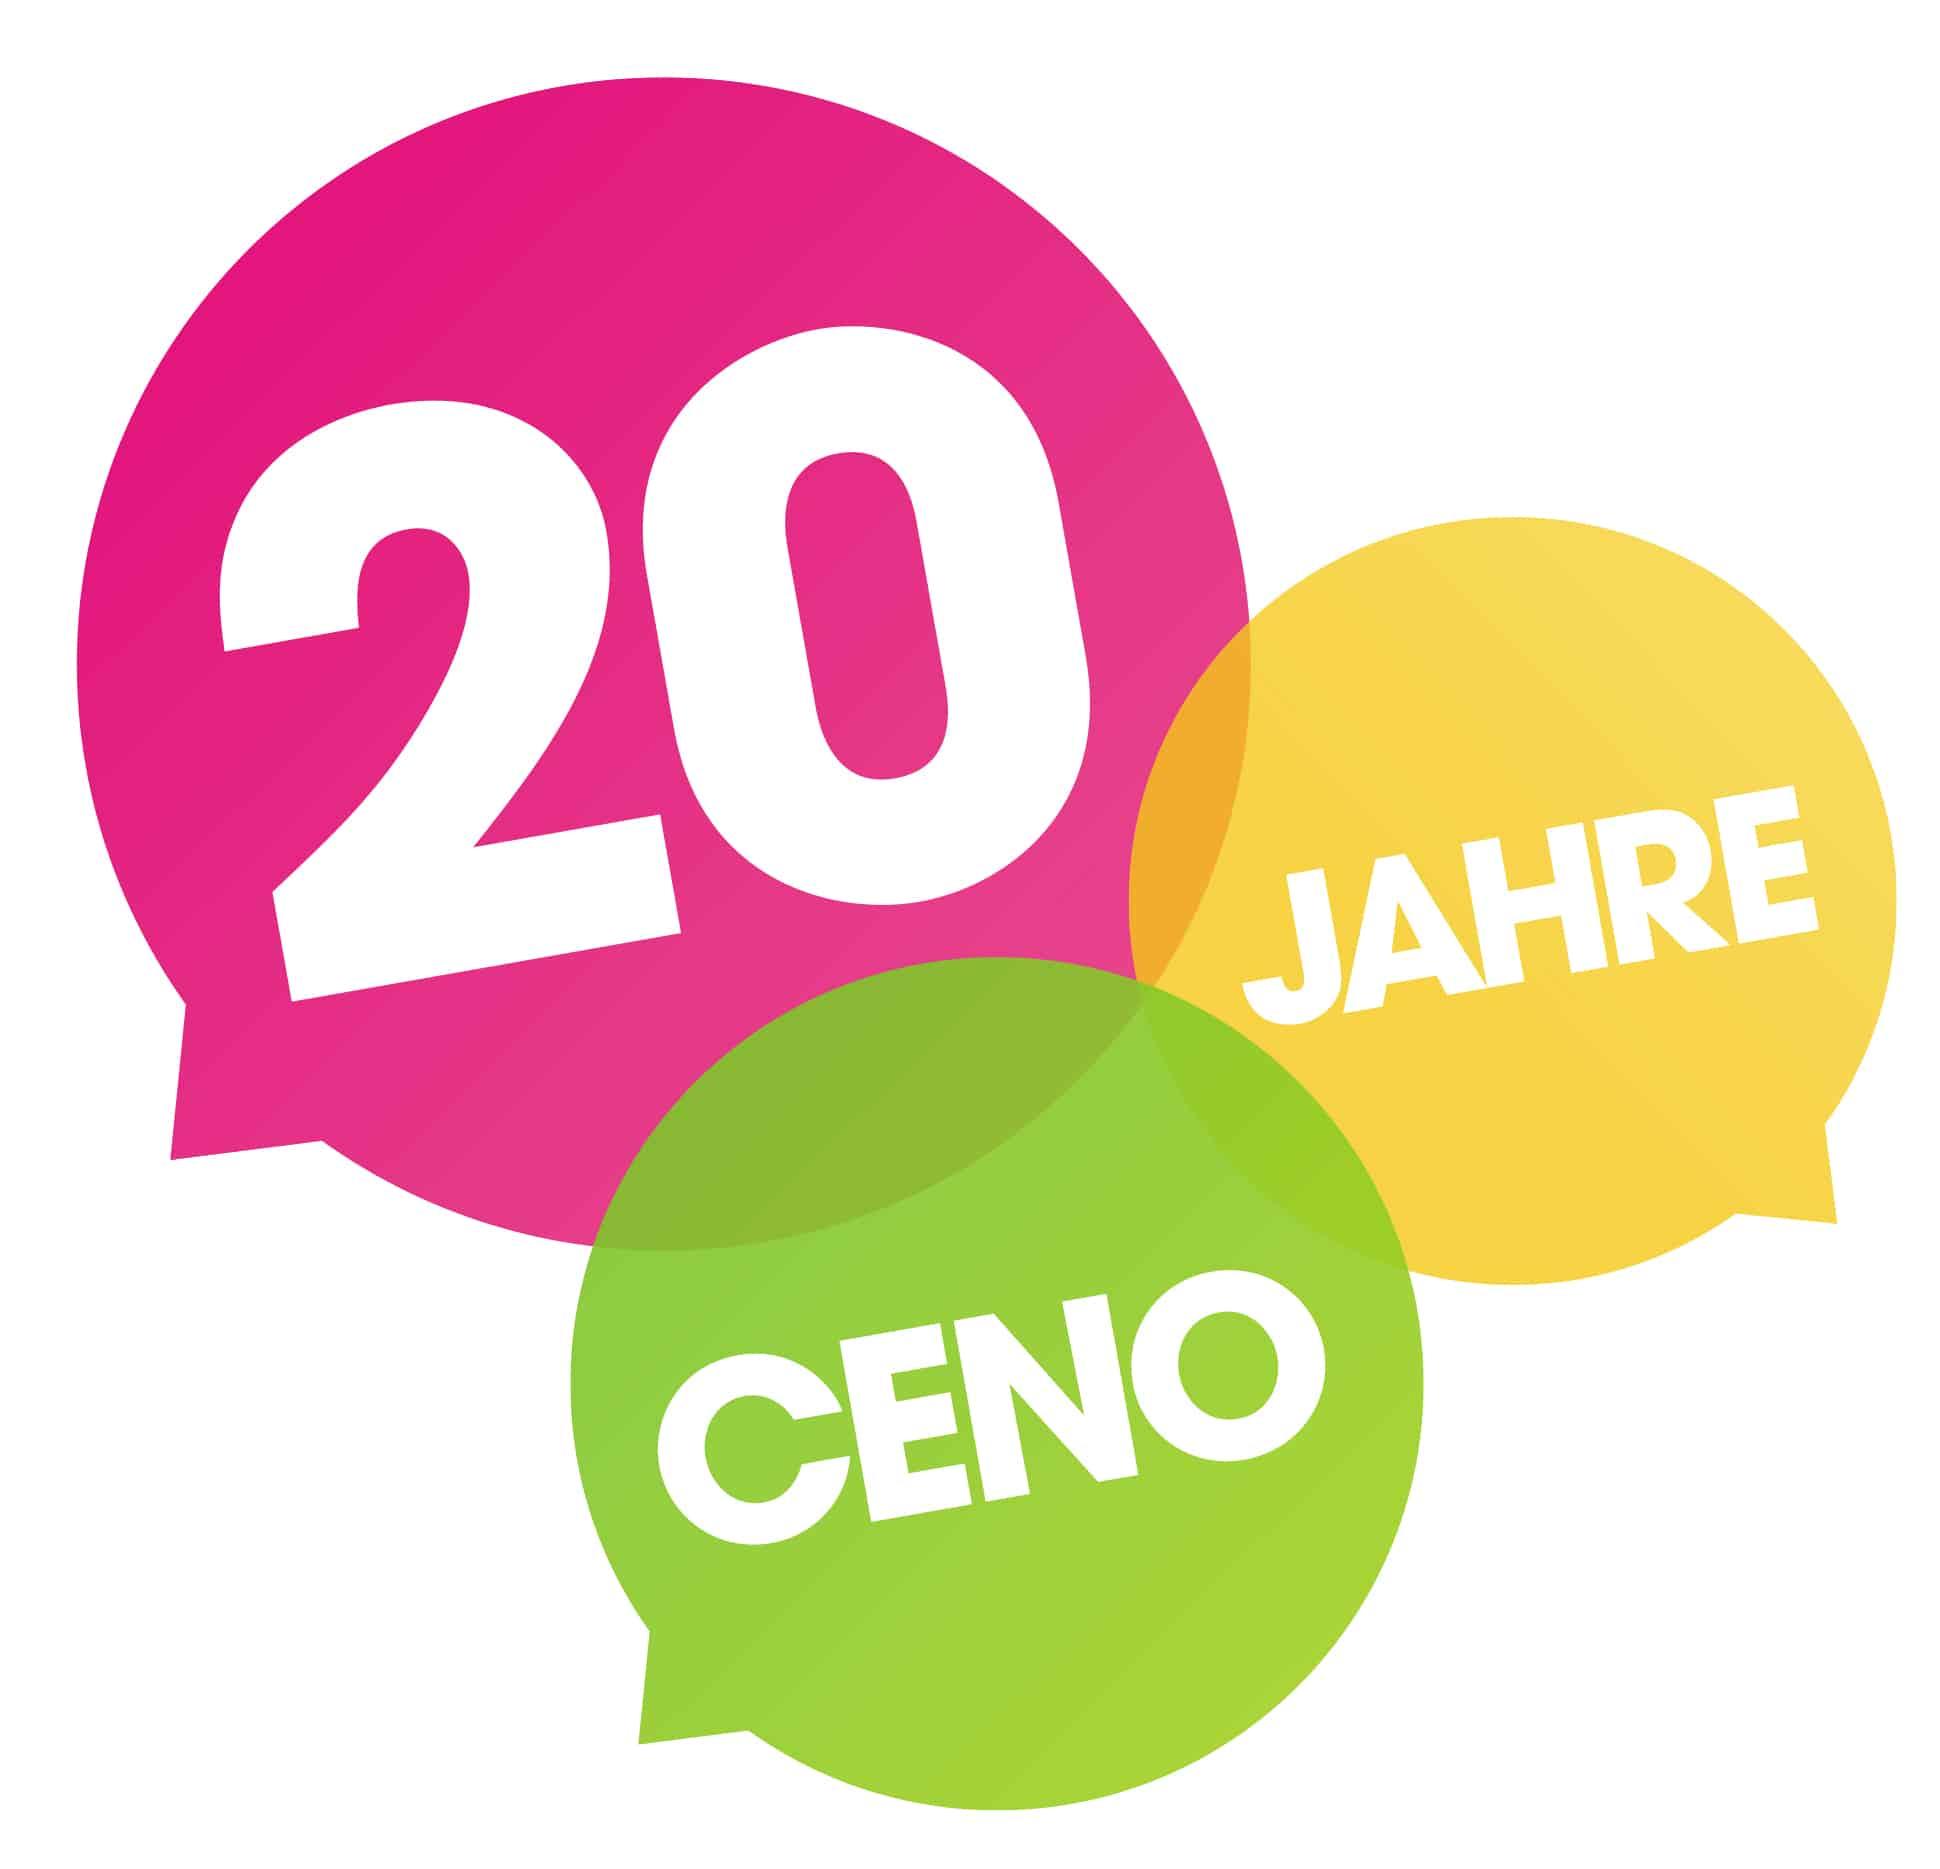 20 Jahre Ceno